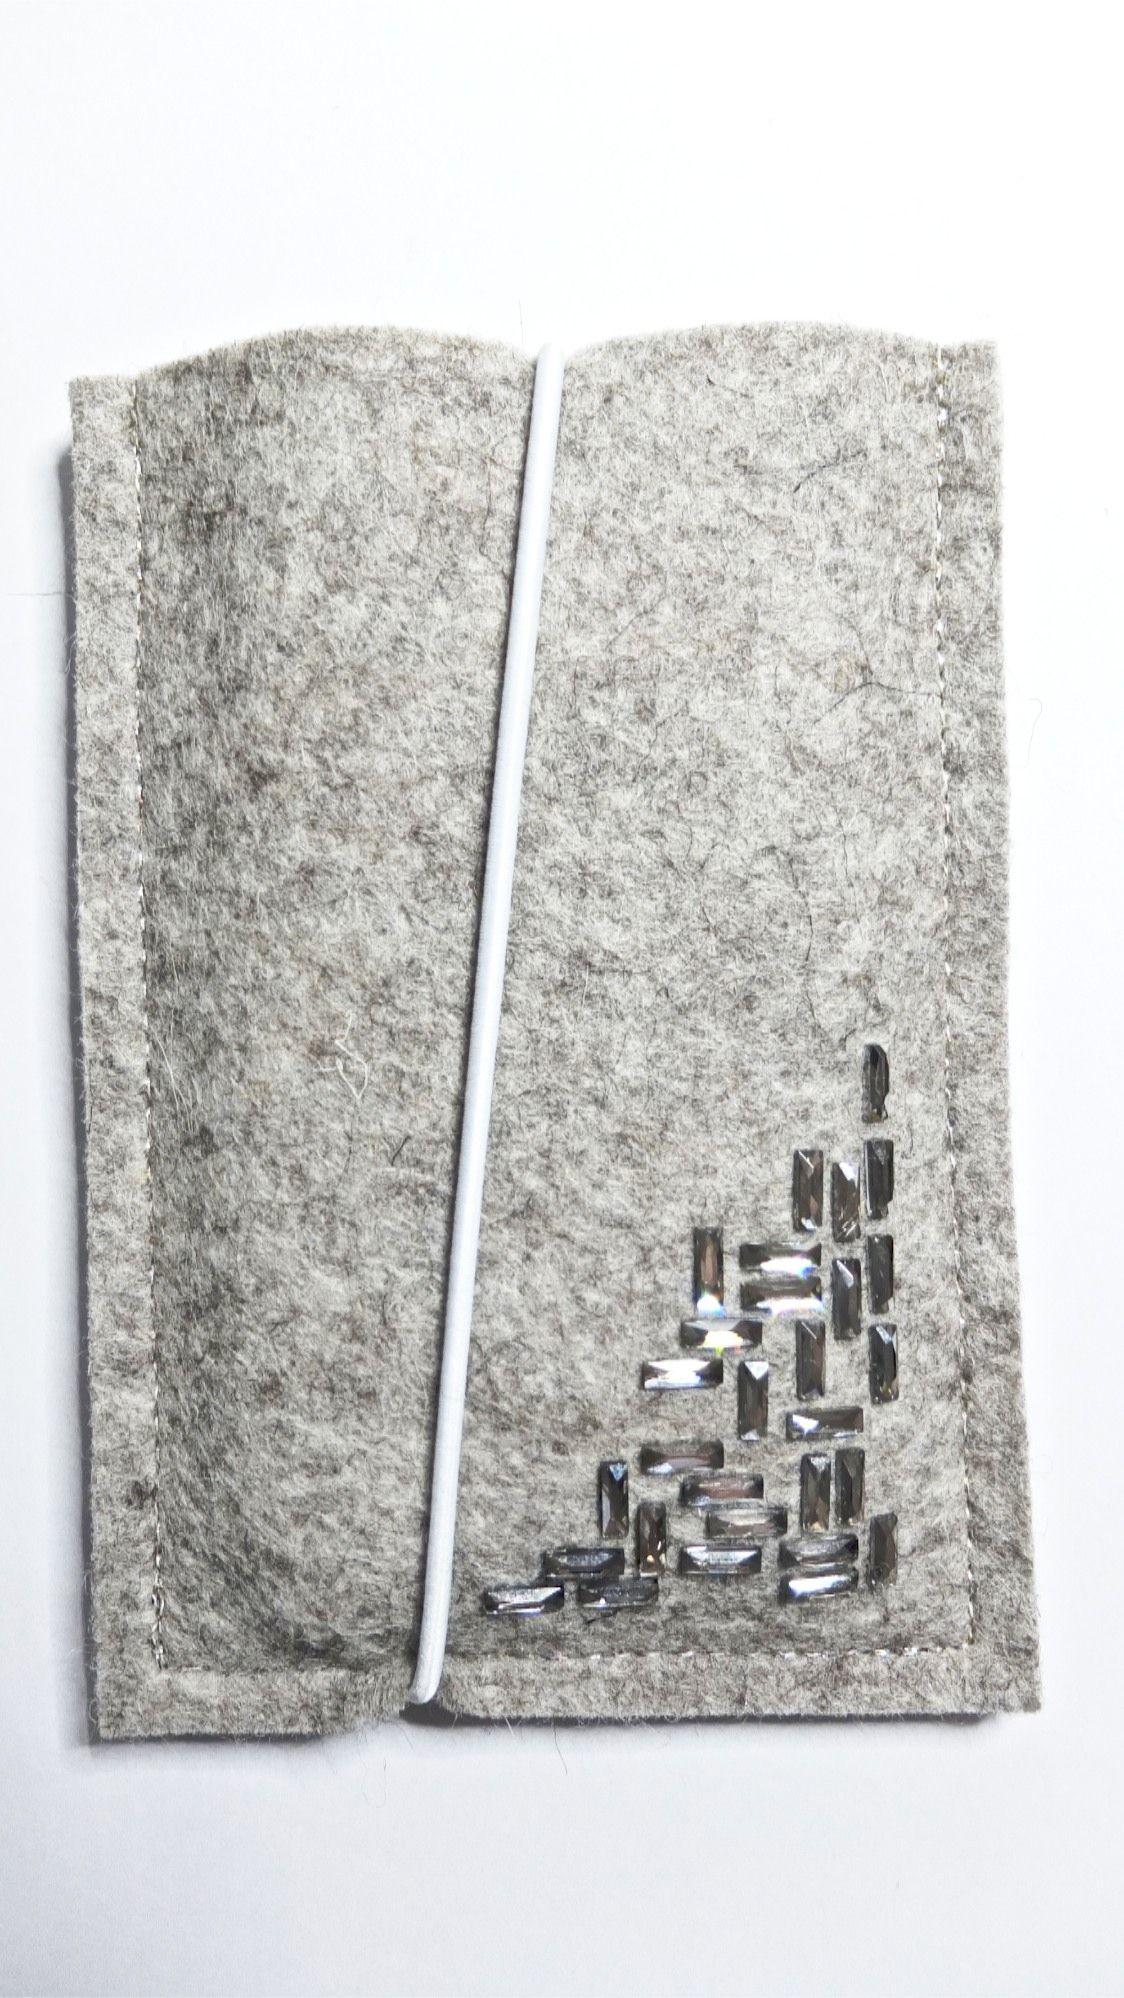 131cfcfd79b8c87569c1e71918625ef6 Elegantes Stoff Mit Swarovski Steinen Dekorationen